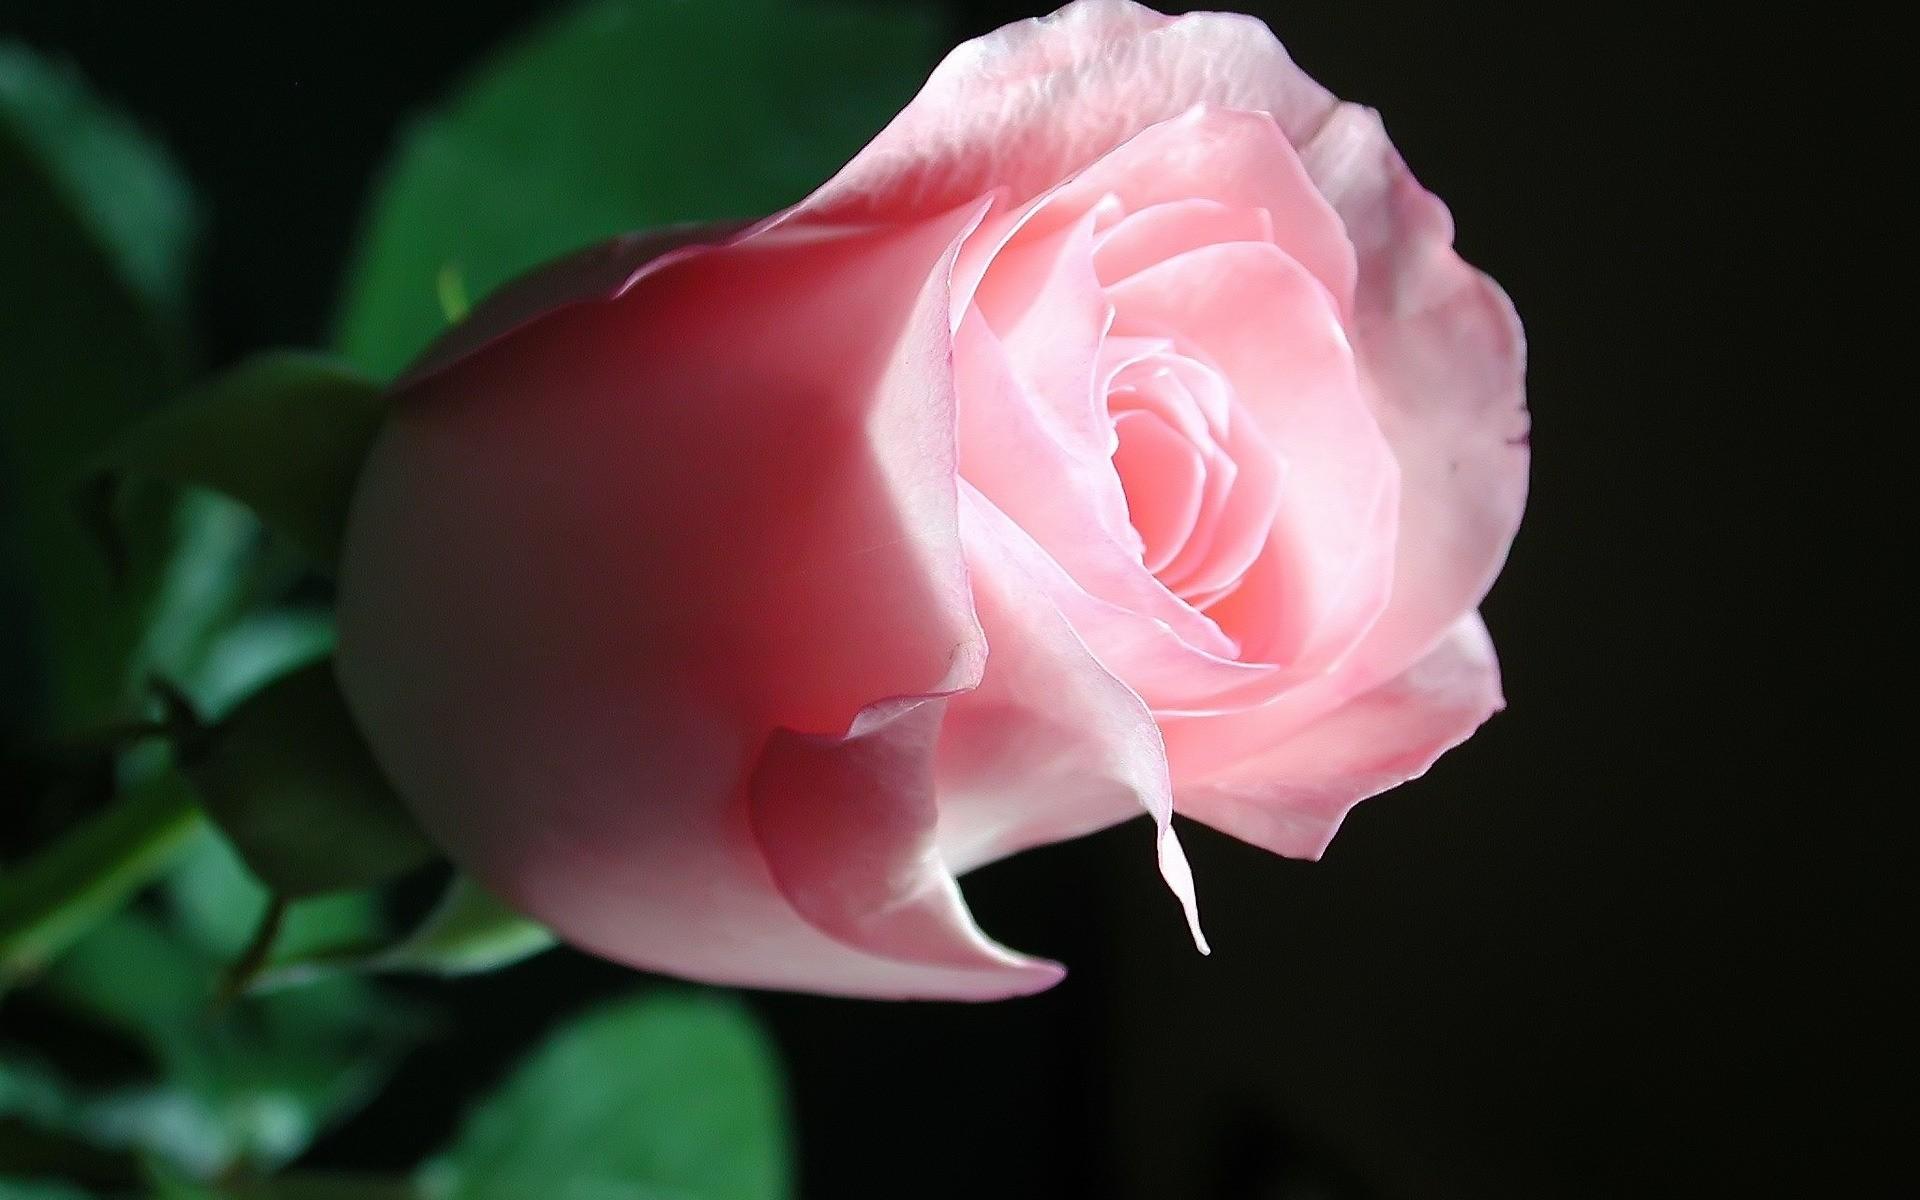 основное красивые картинки супер красивых роз приемов